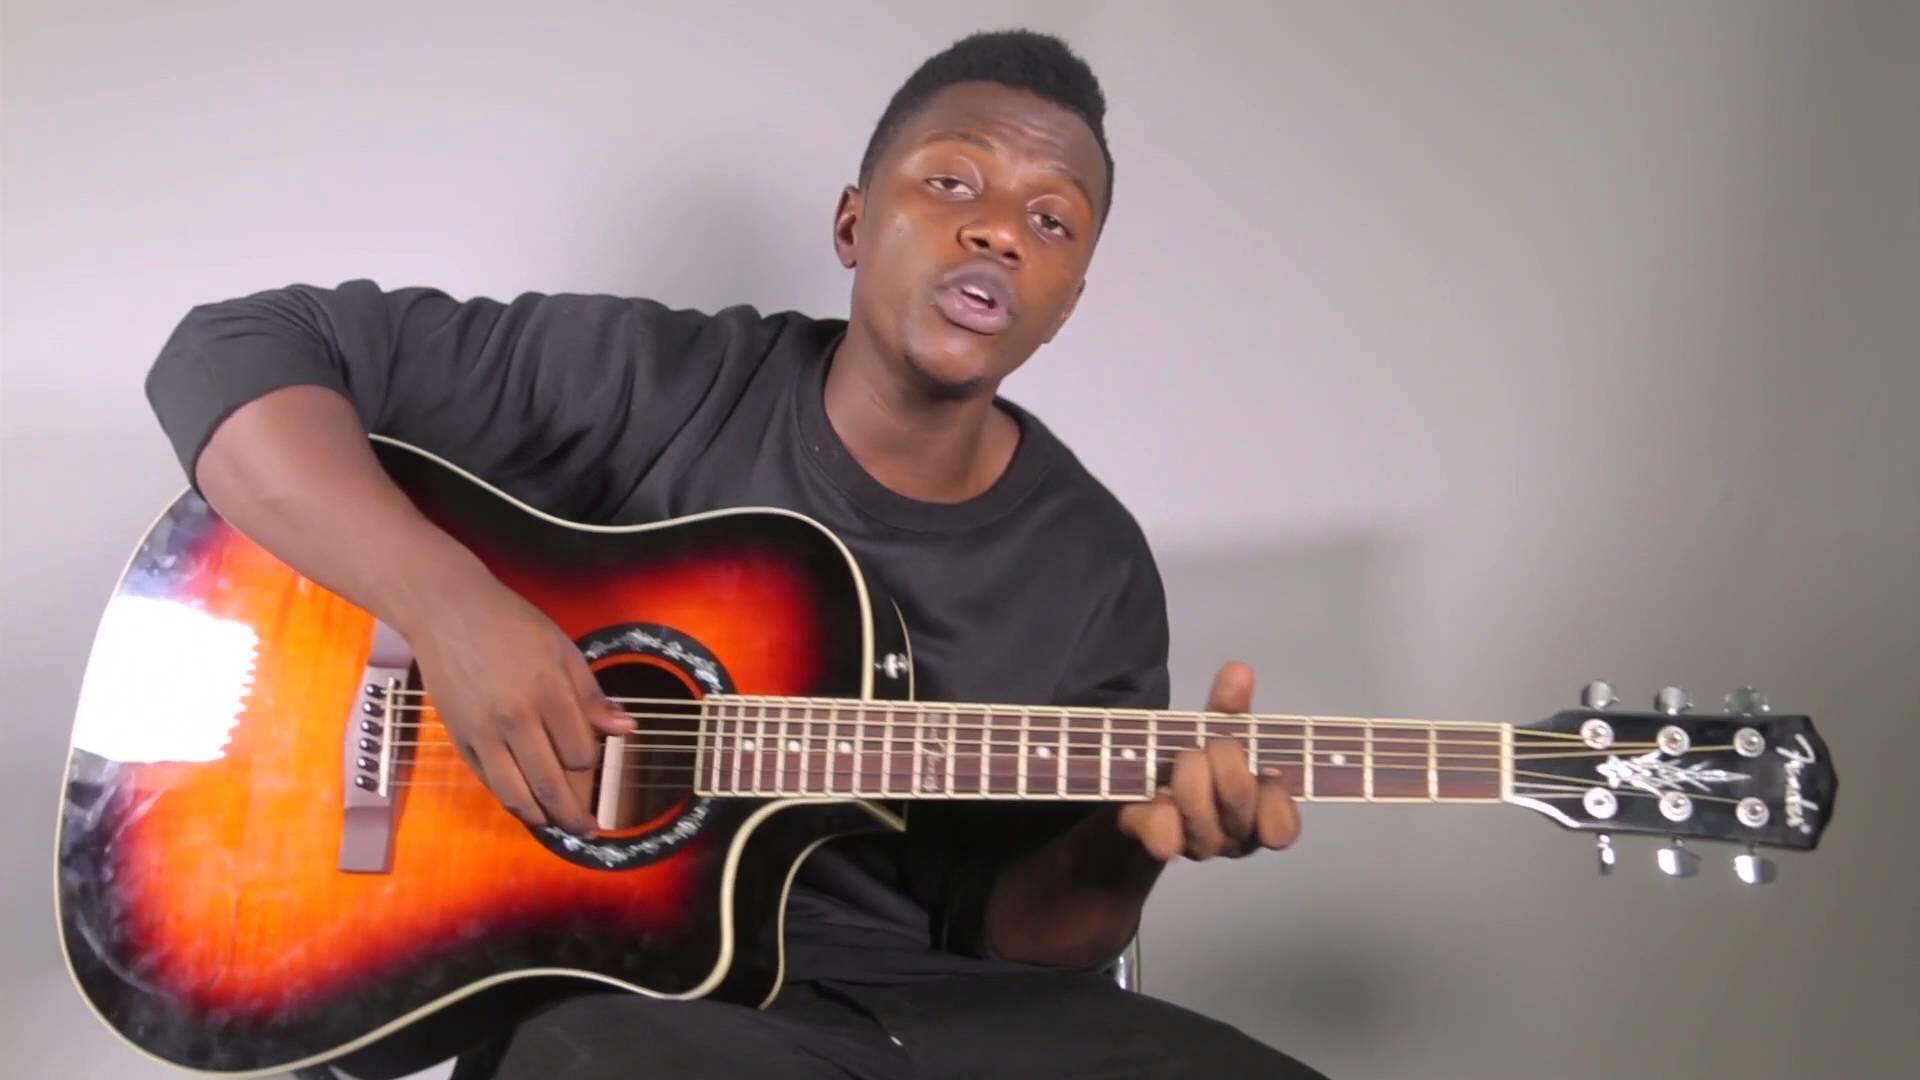 Msanii Raymond kutoka lebo ya WCB